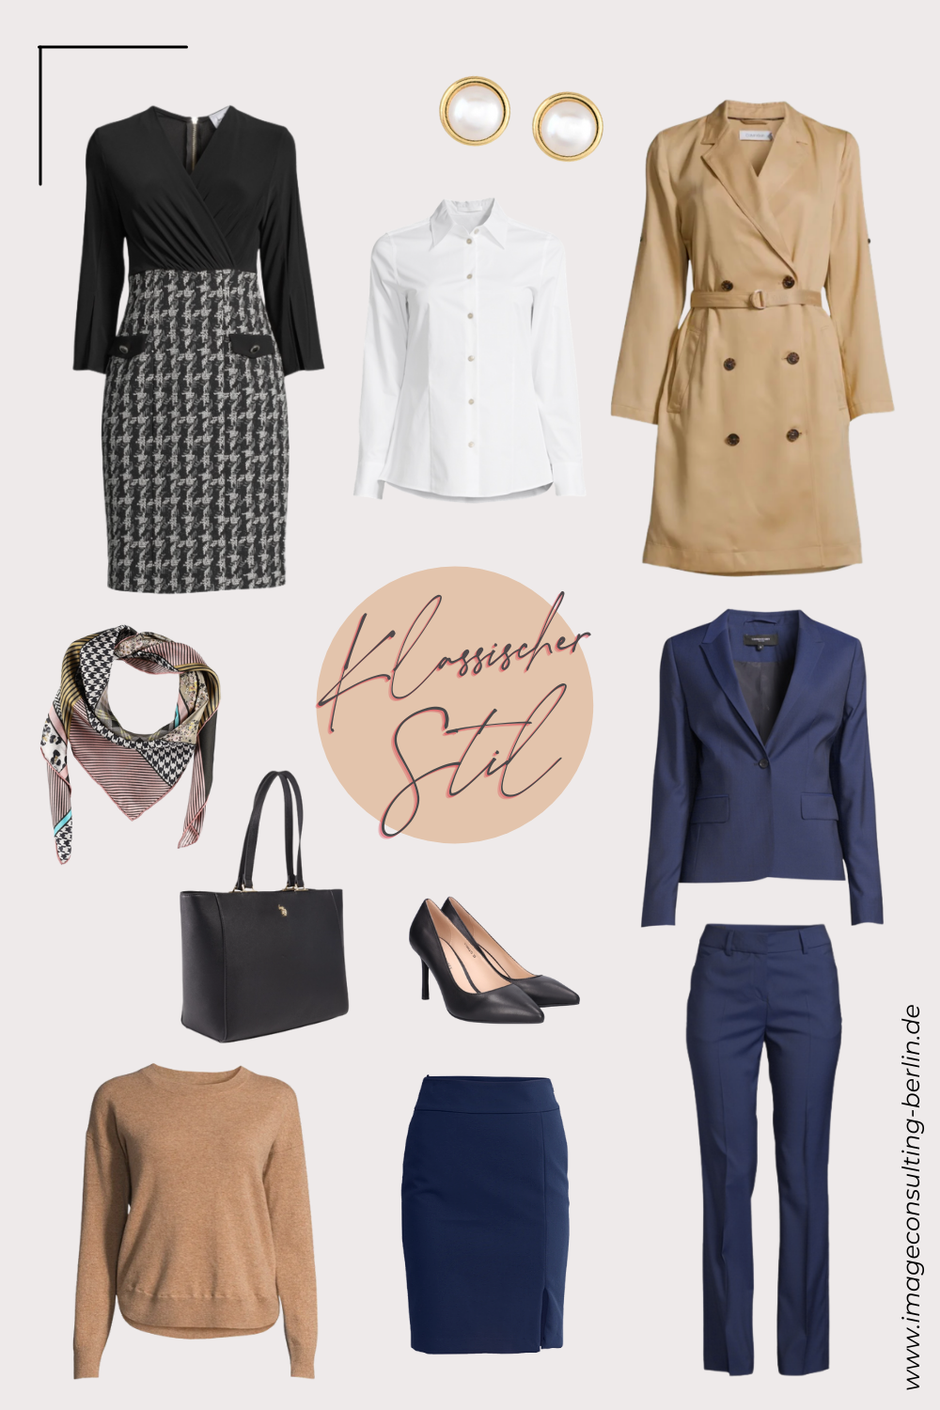 Capsule Wardrobe Grundgarderobe für den klassischen eleganten Stiltyp Damen